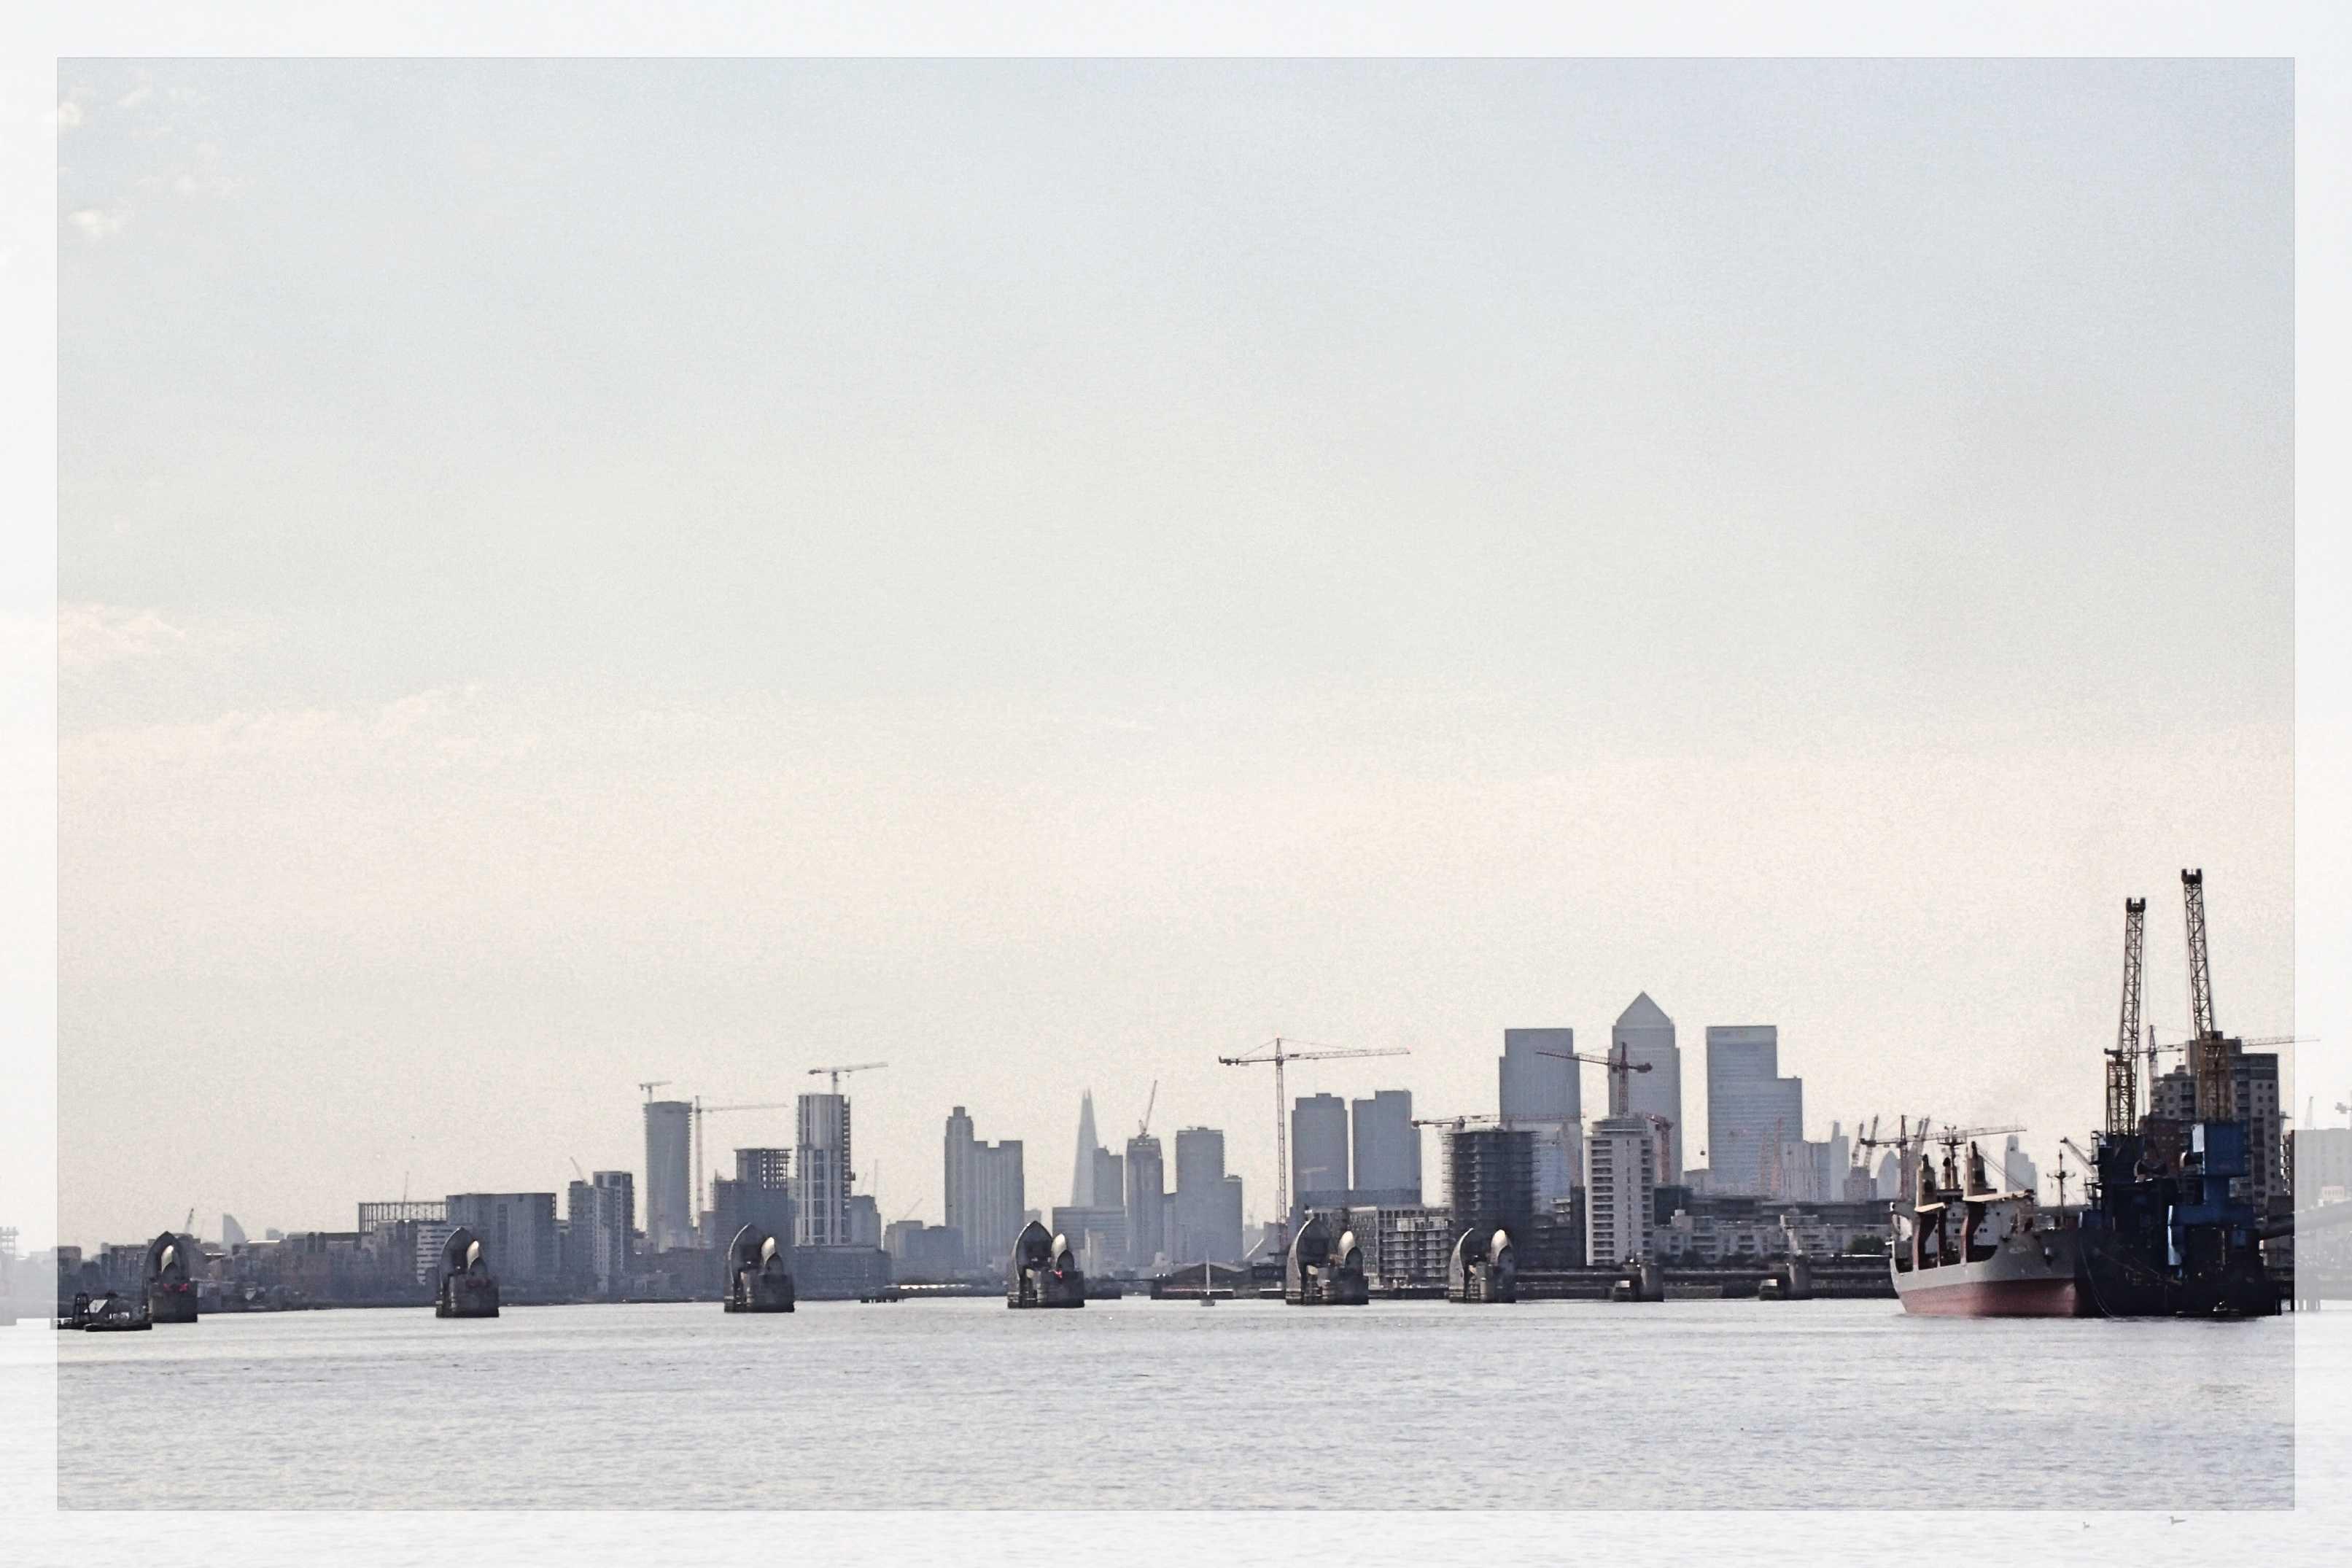 מסע מסביב ללונדון לגיוס 20,000 שקלים